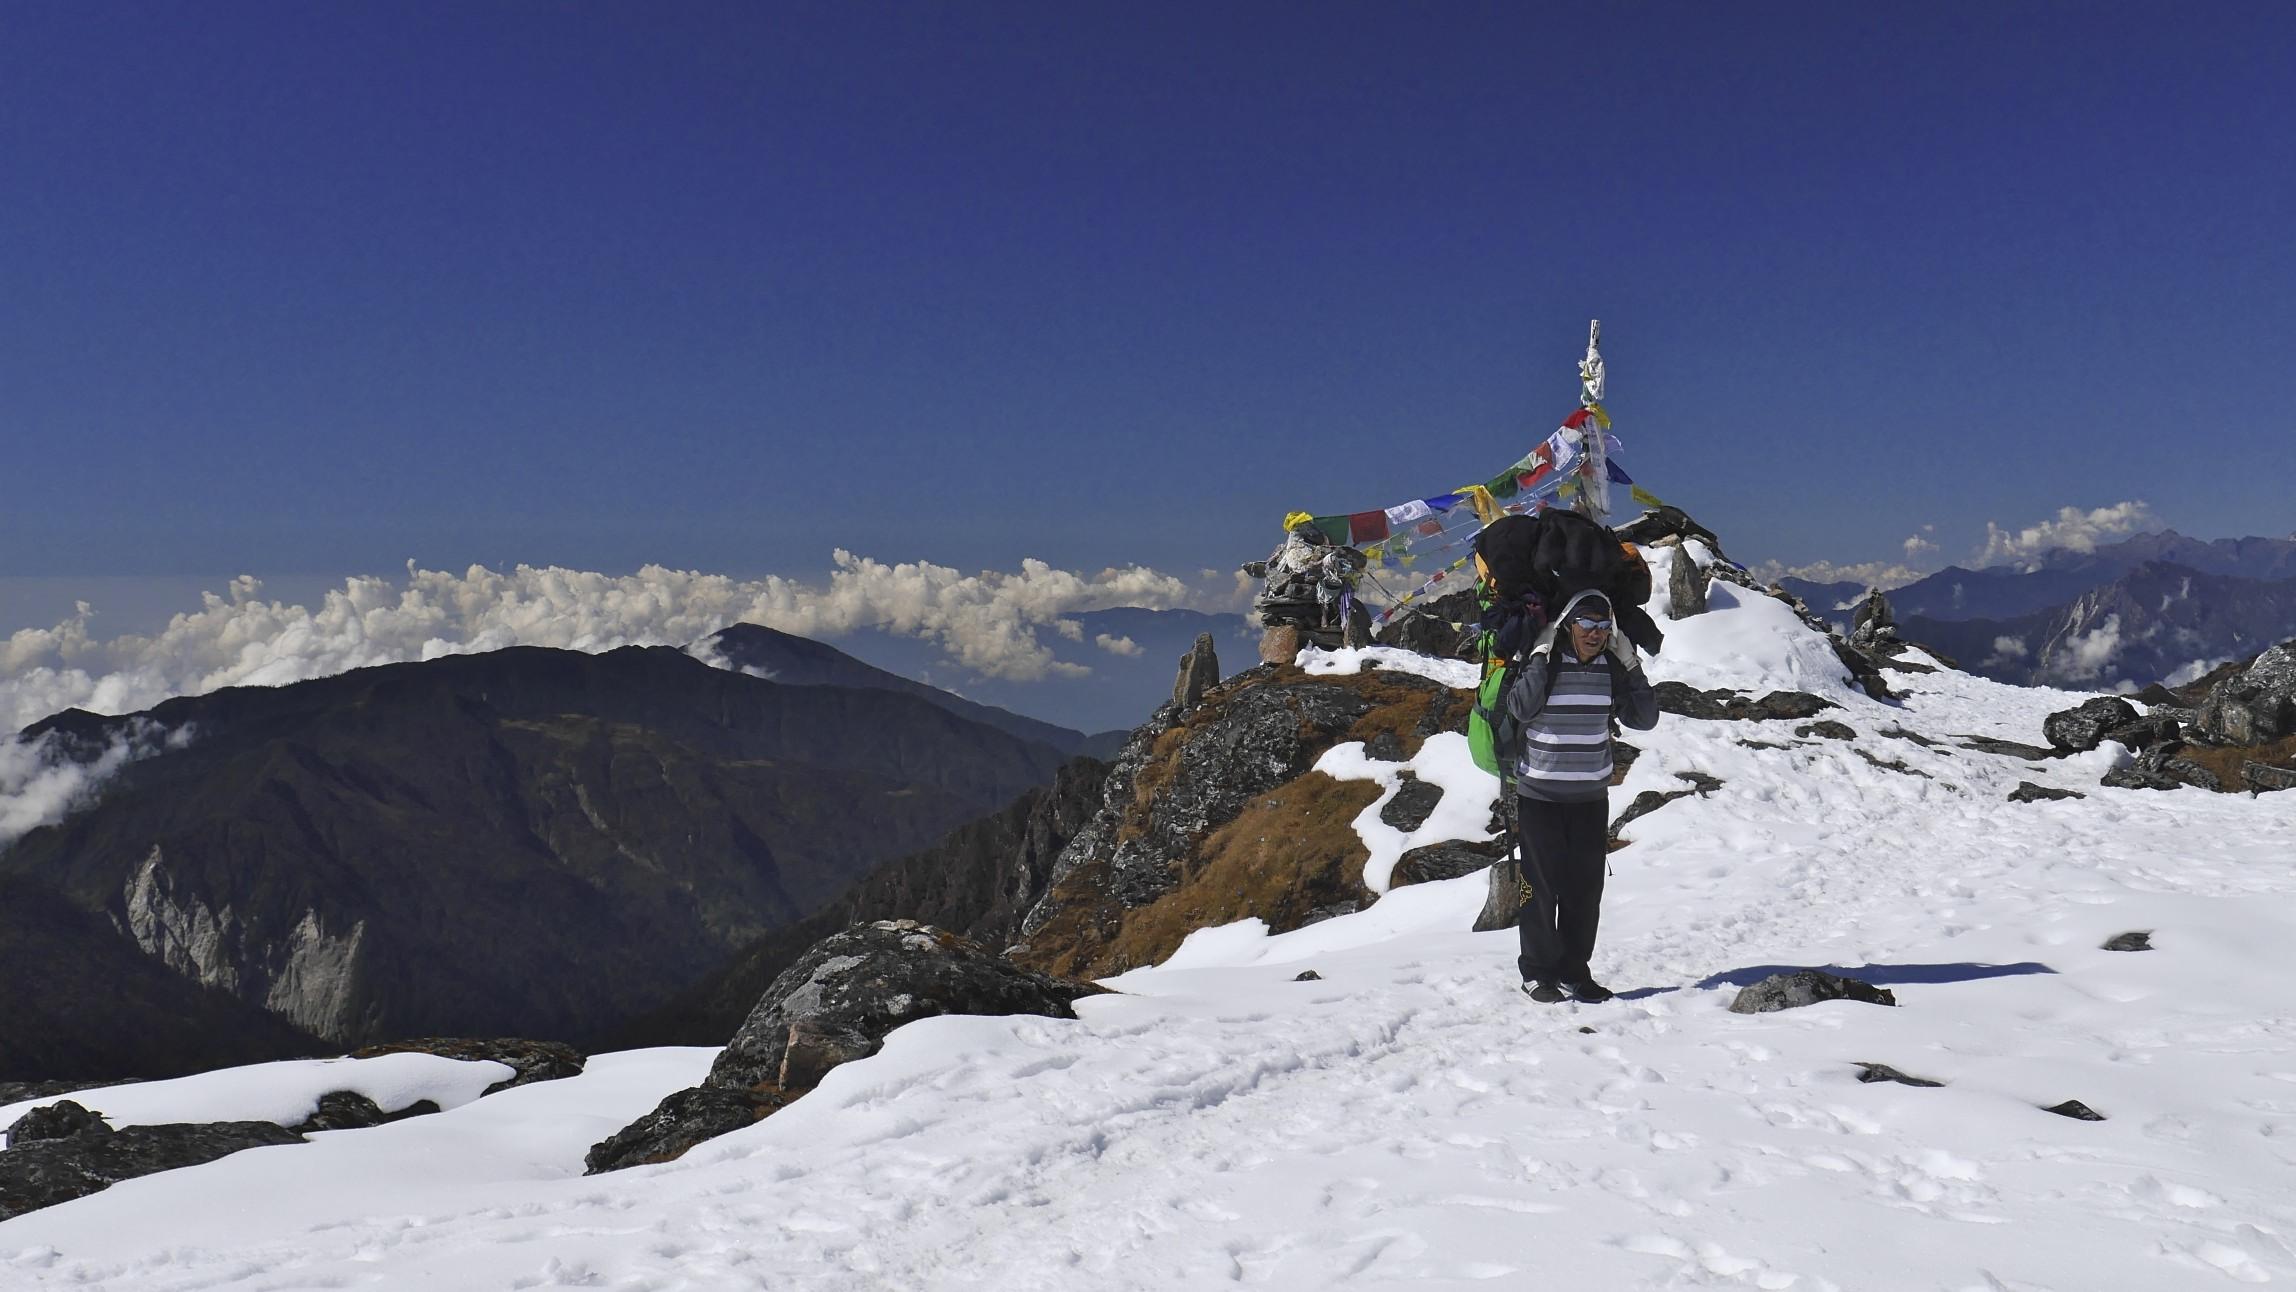 Sinjon La Pass 4.646m